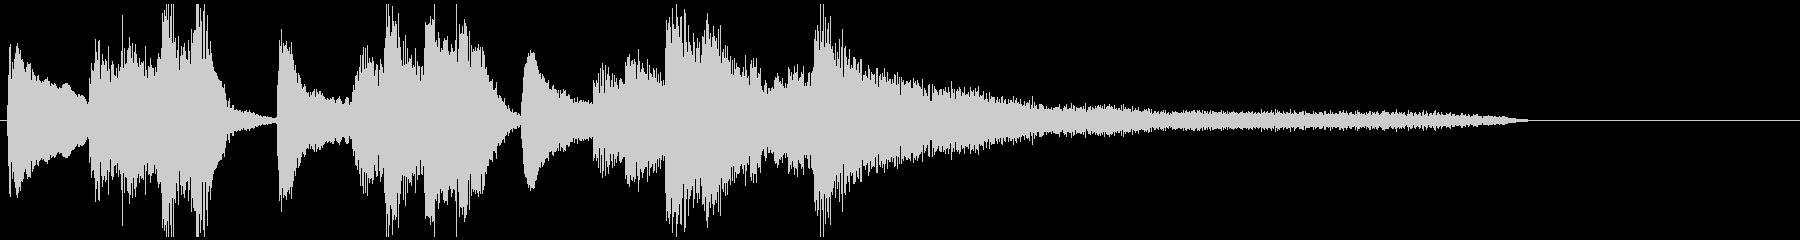 ピアノ・ポップ・ワルツ・アンニュイの未再生の波形